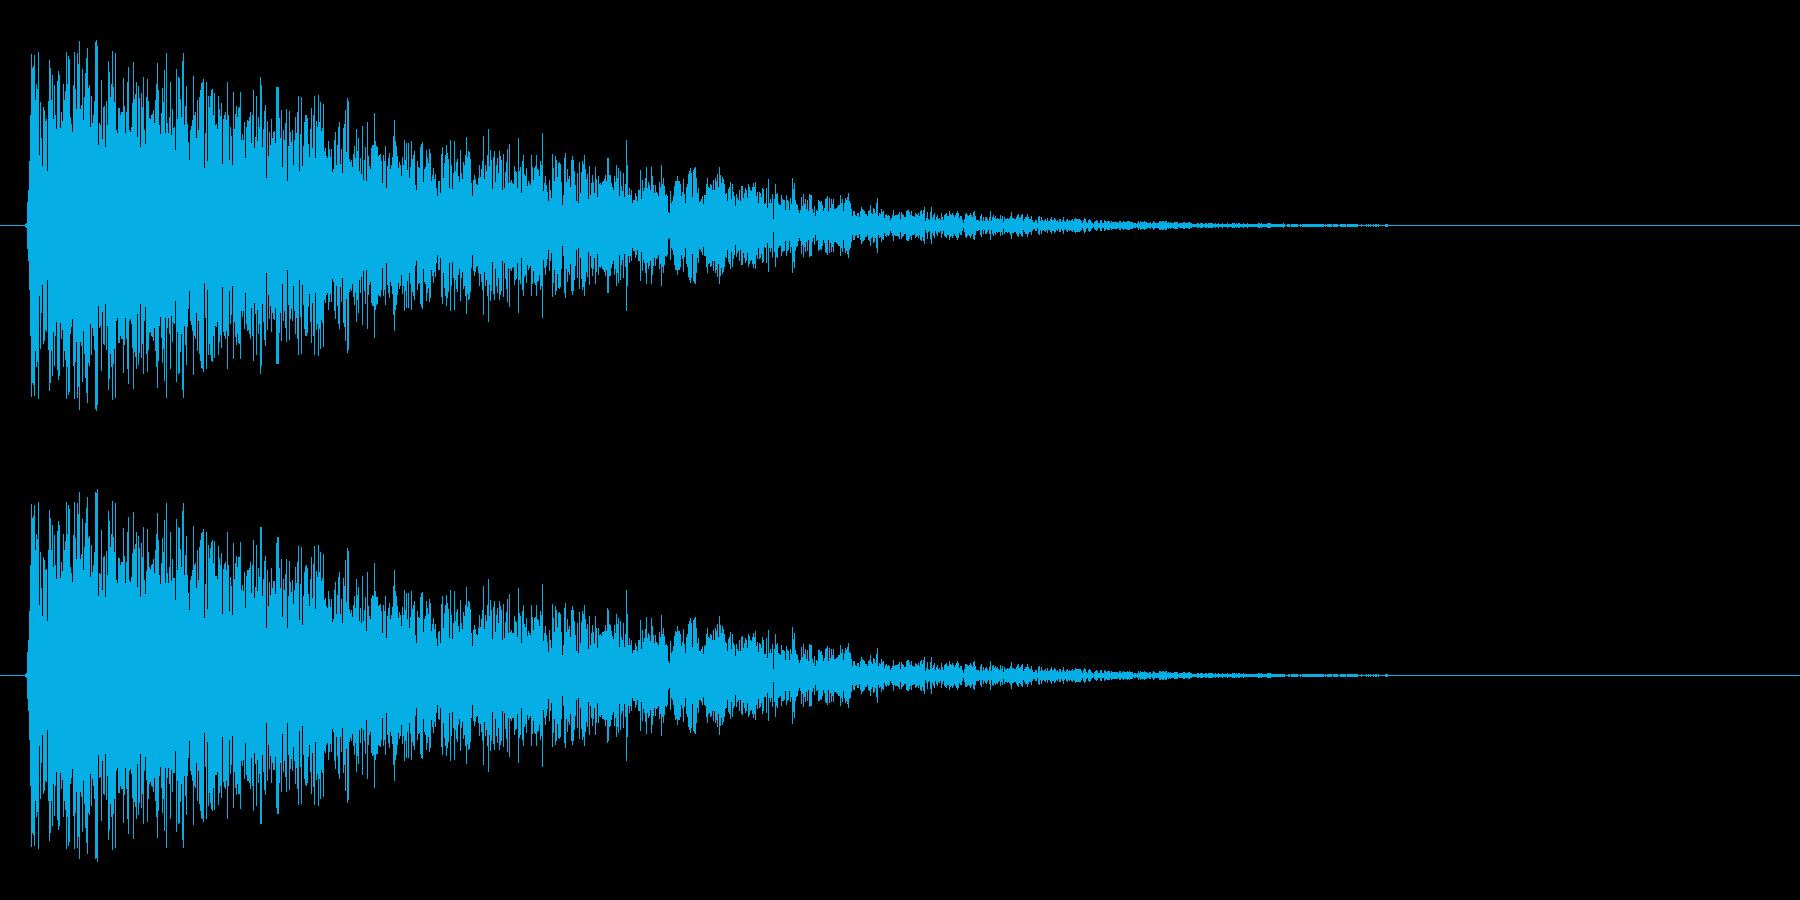 ミサイルをこちら側から発射する音の再生済みの波形